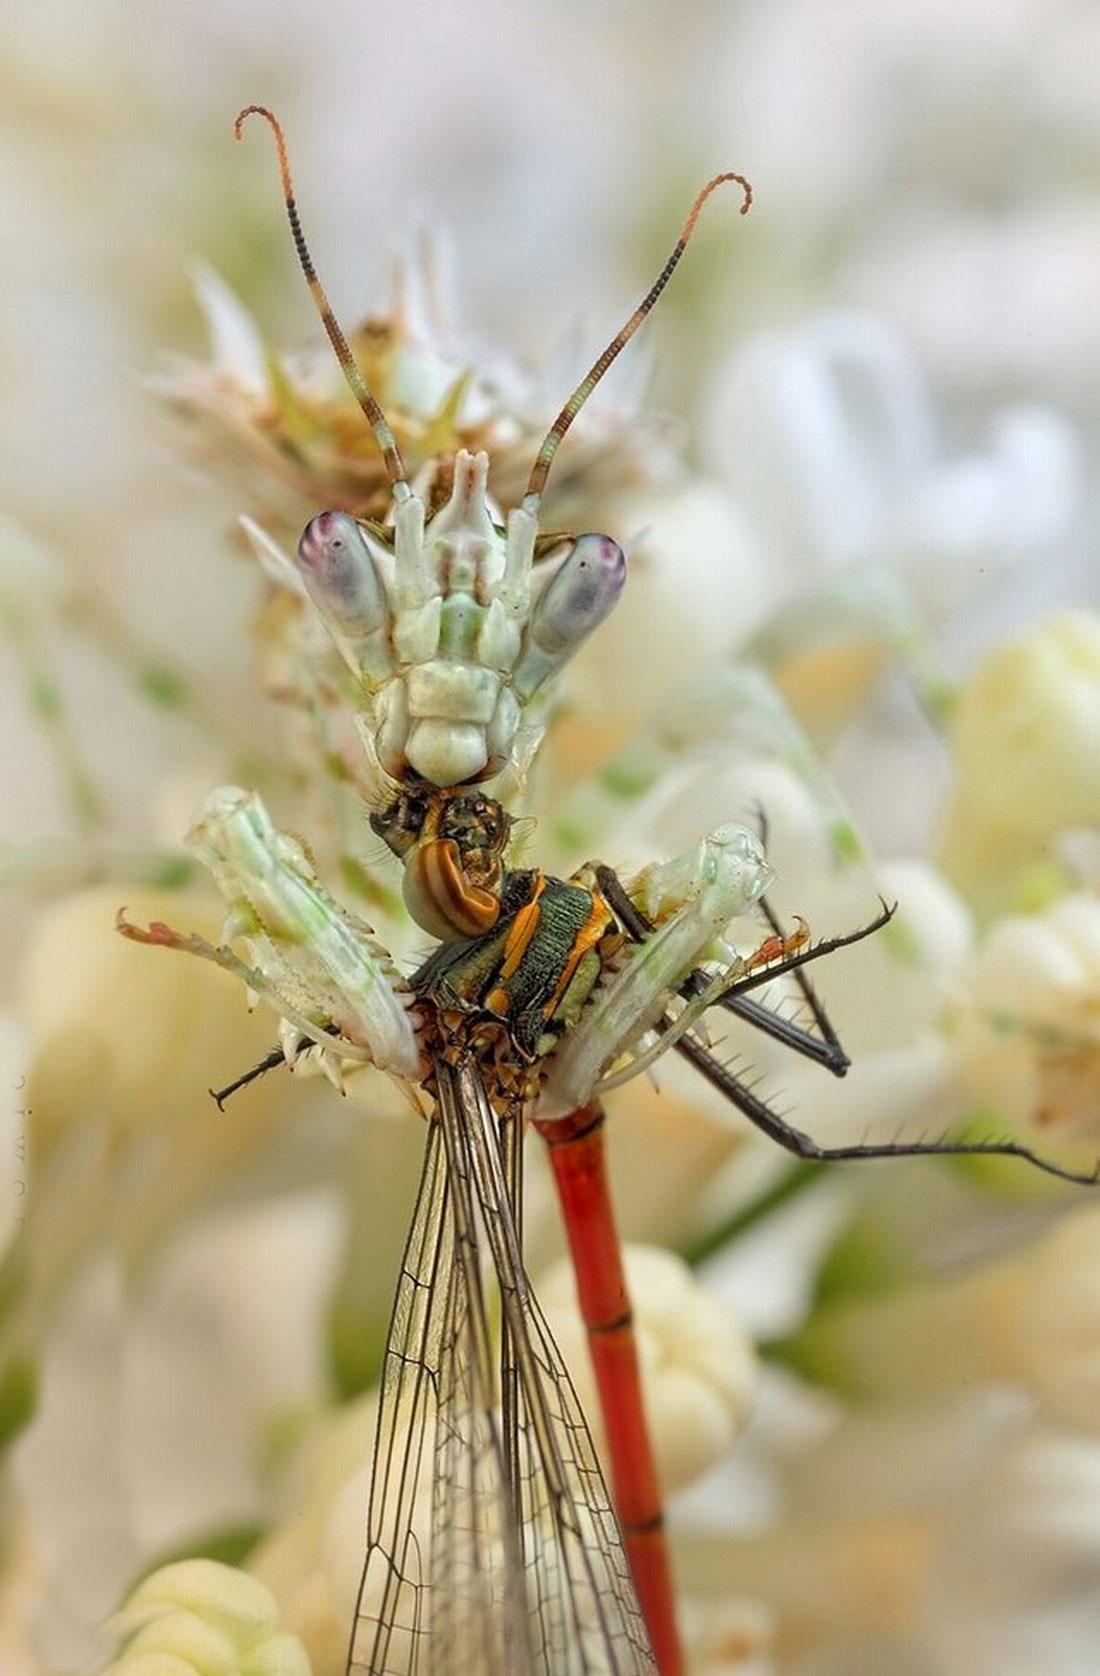 богомол на охоте, фото насекомого